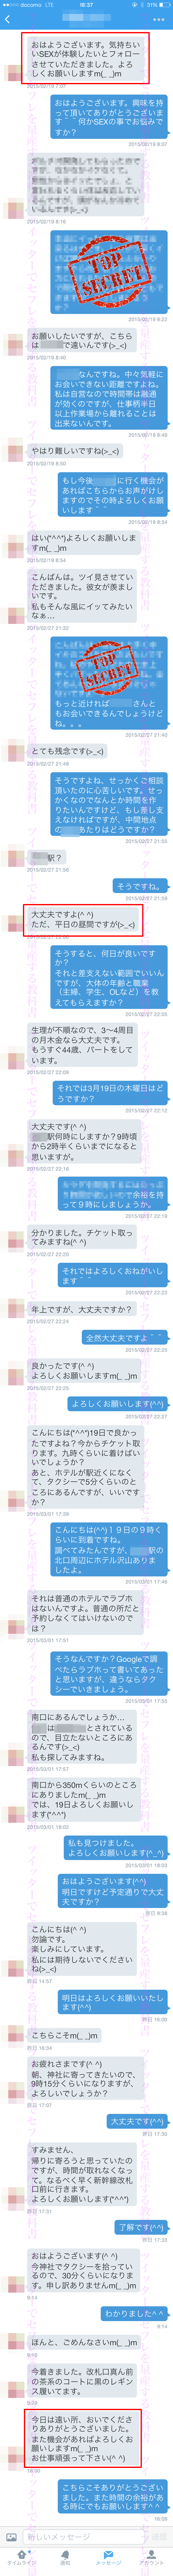 ツイッターで出会った新幹線に乗ってセックスしにくる人妻